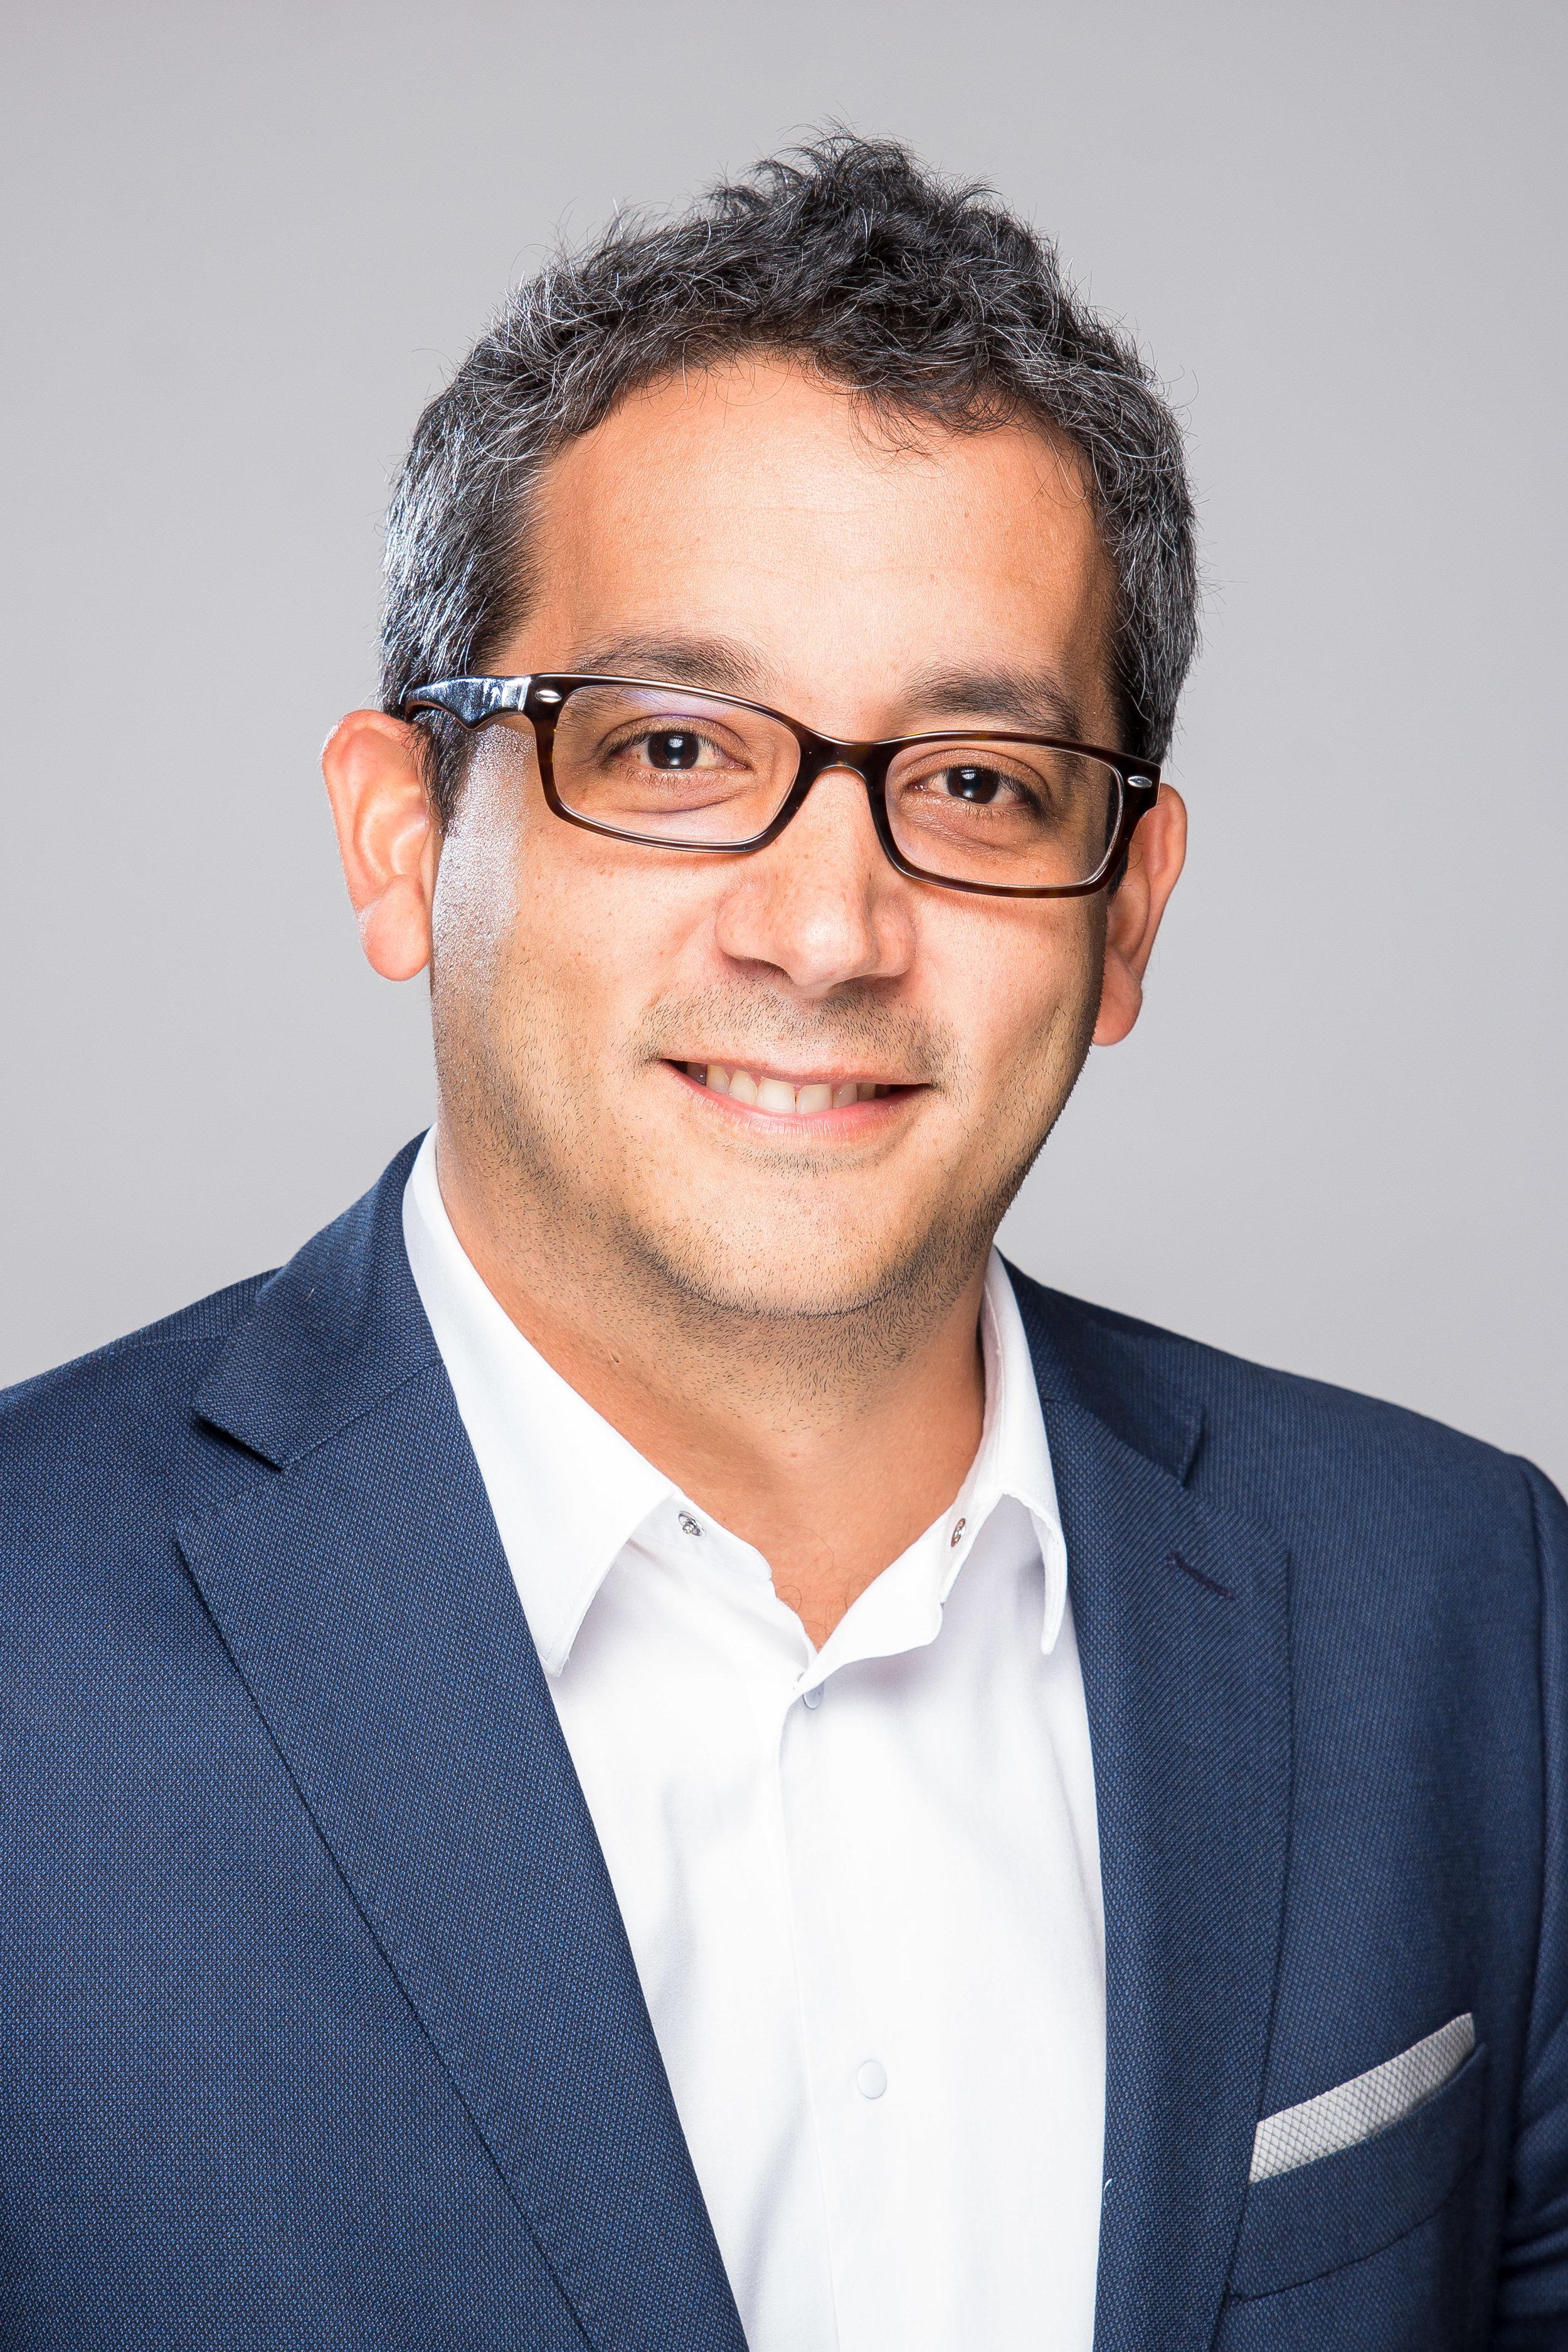 Dr. Pier Gallo